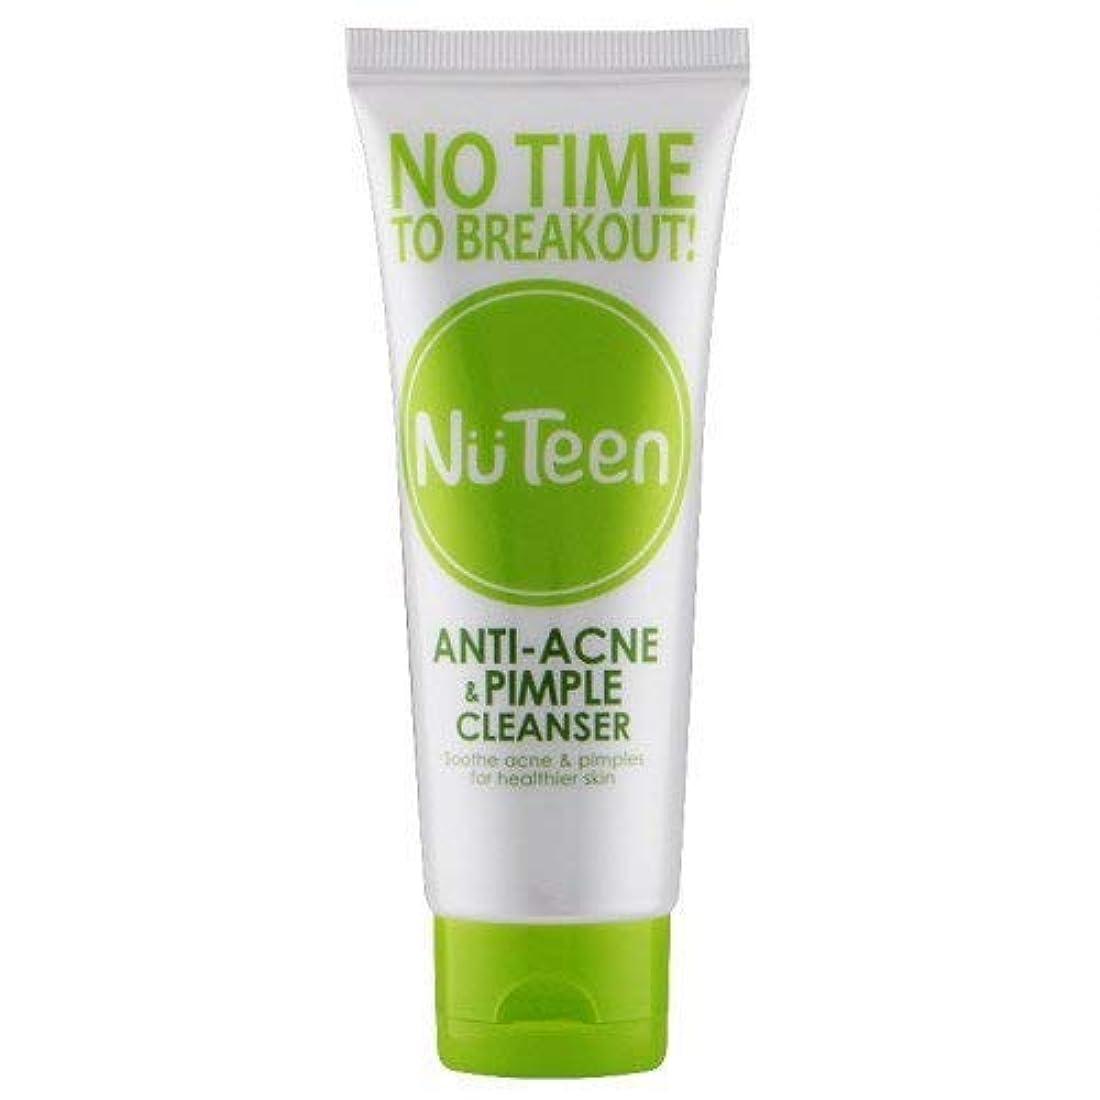 送信する苦痛座標Nuteen 抗ニキビや吹き出物洗顔料は優しく効果的にきれい100g-乾燥せずに余分な油や汚れを取り除きます